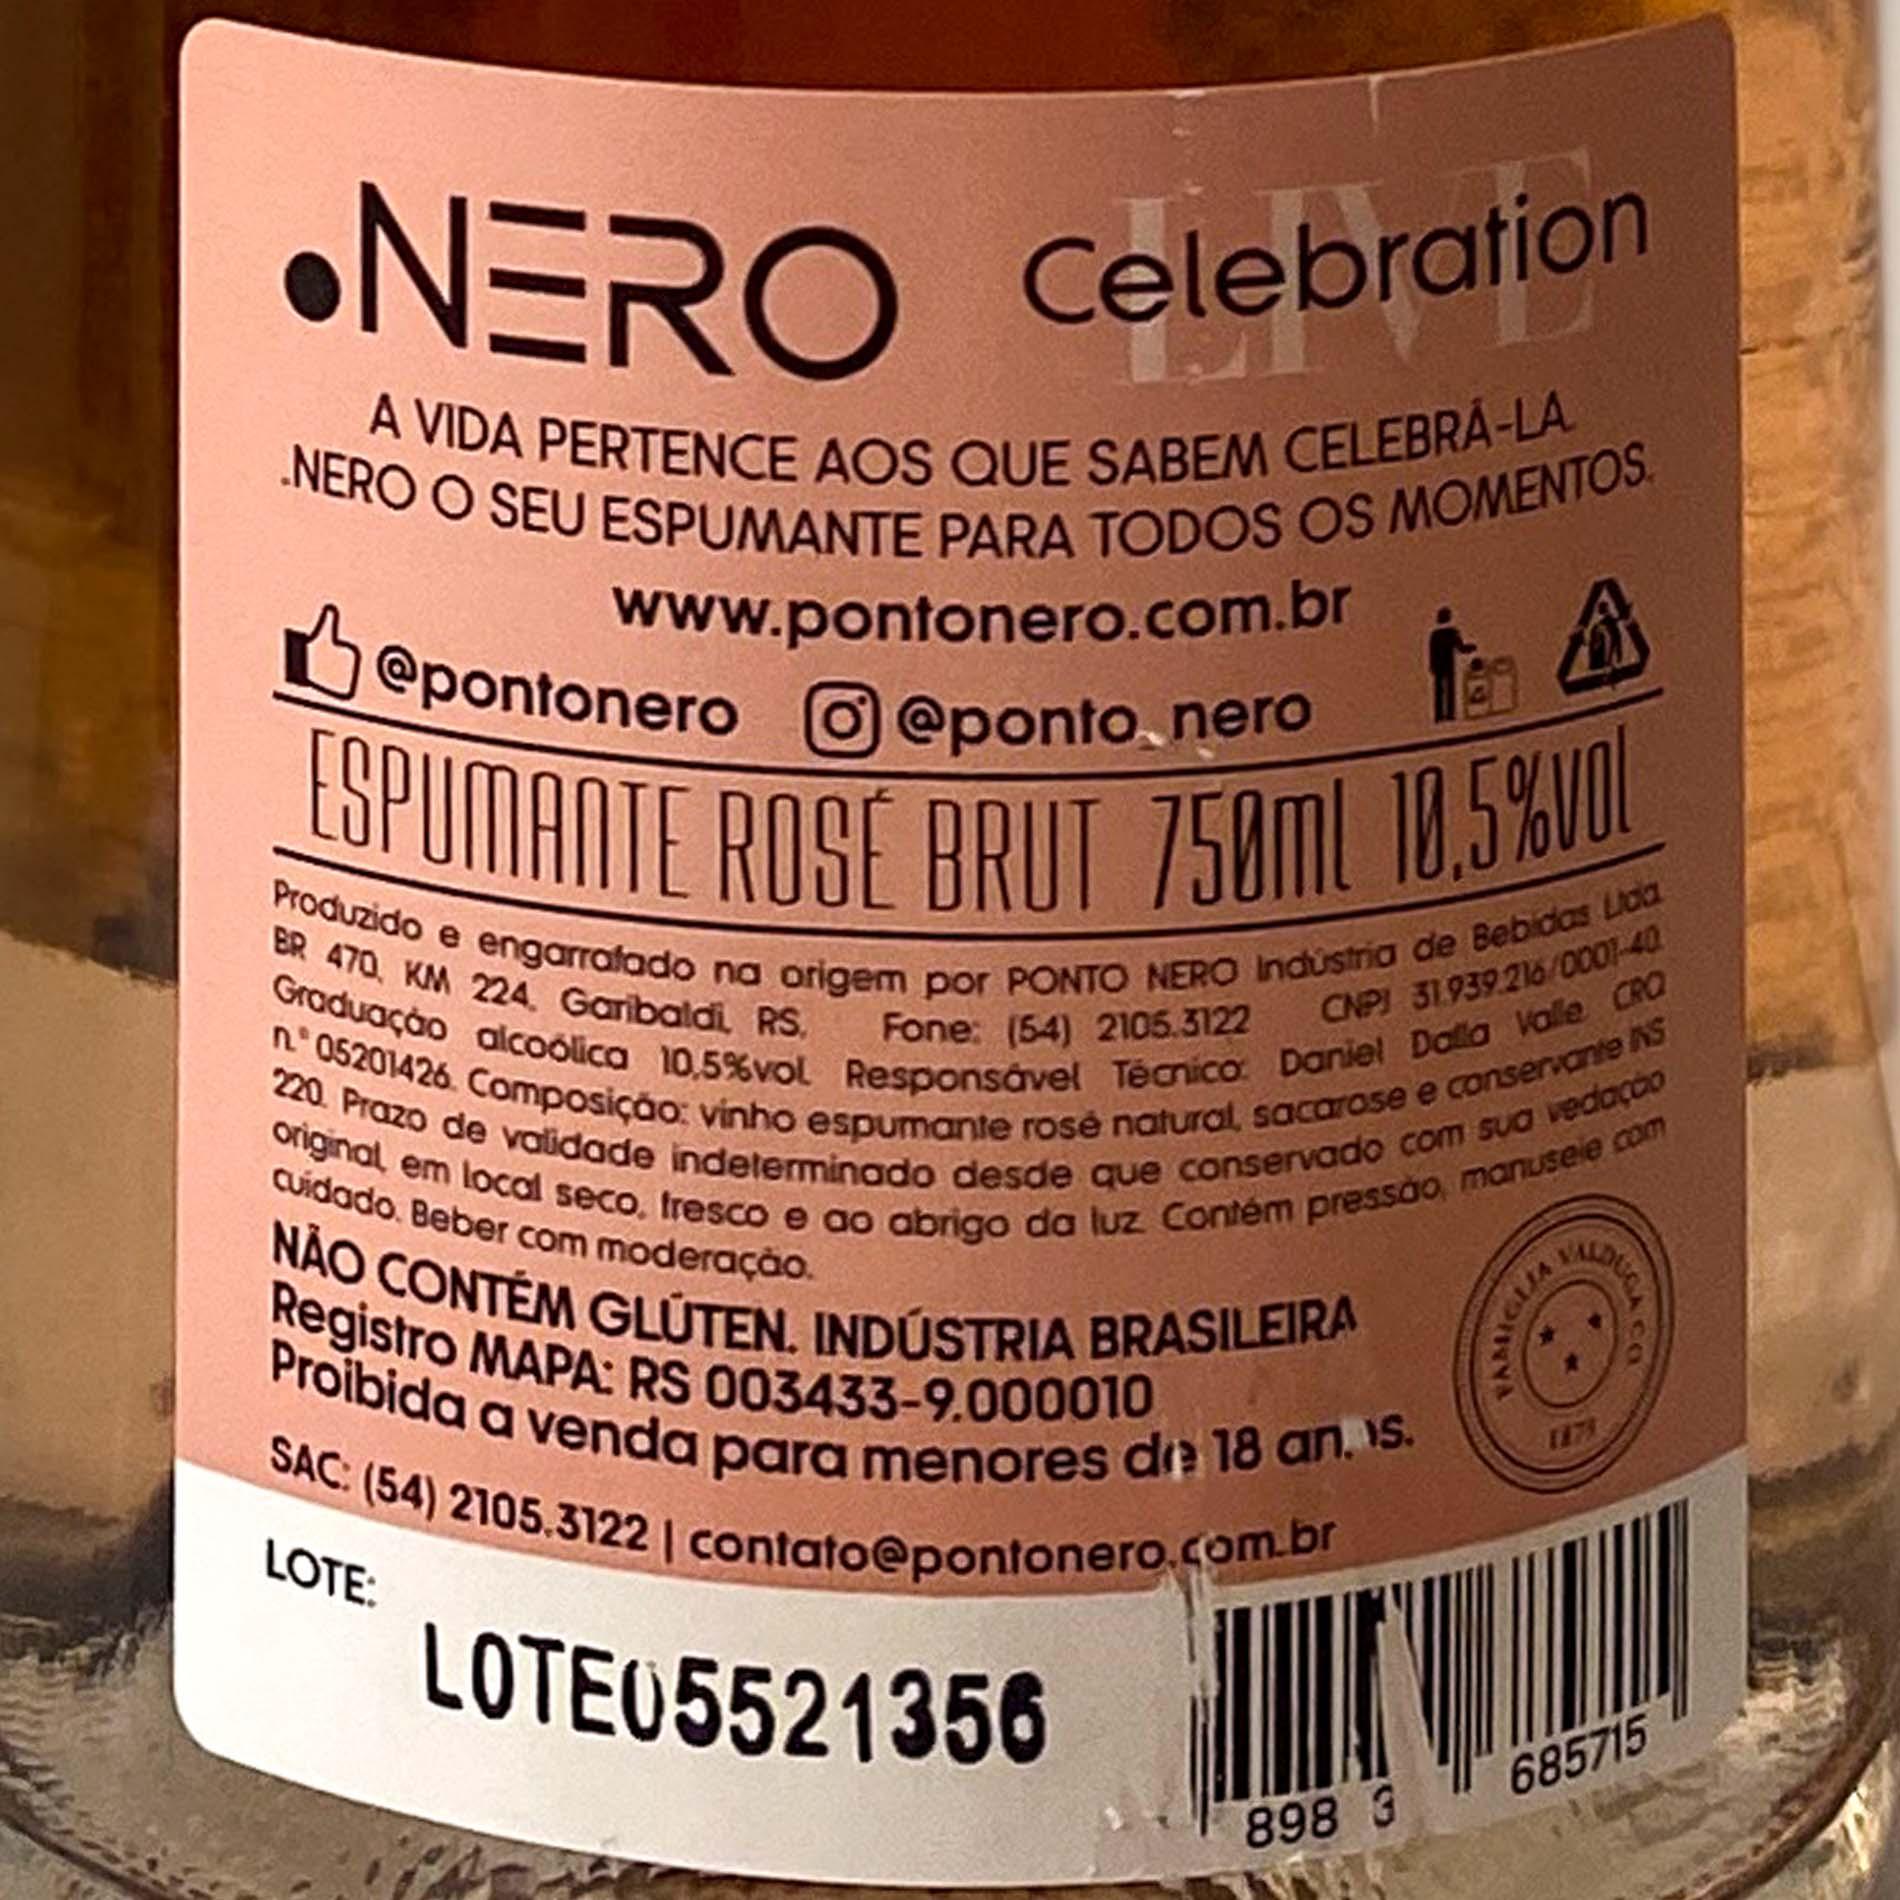 Ponto Nero Live Celebration Brut Rosé  - Vinerize